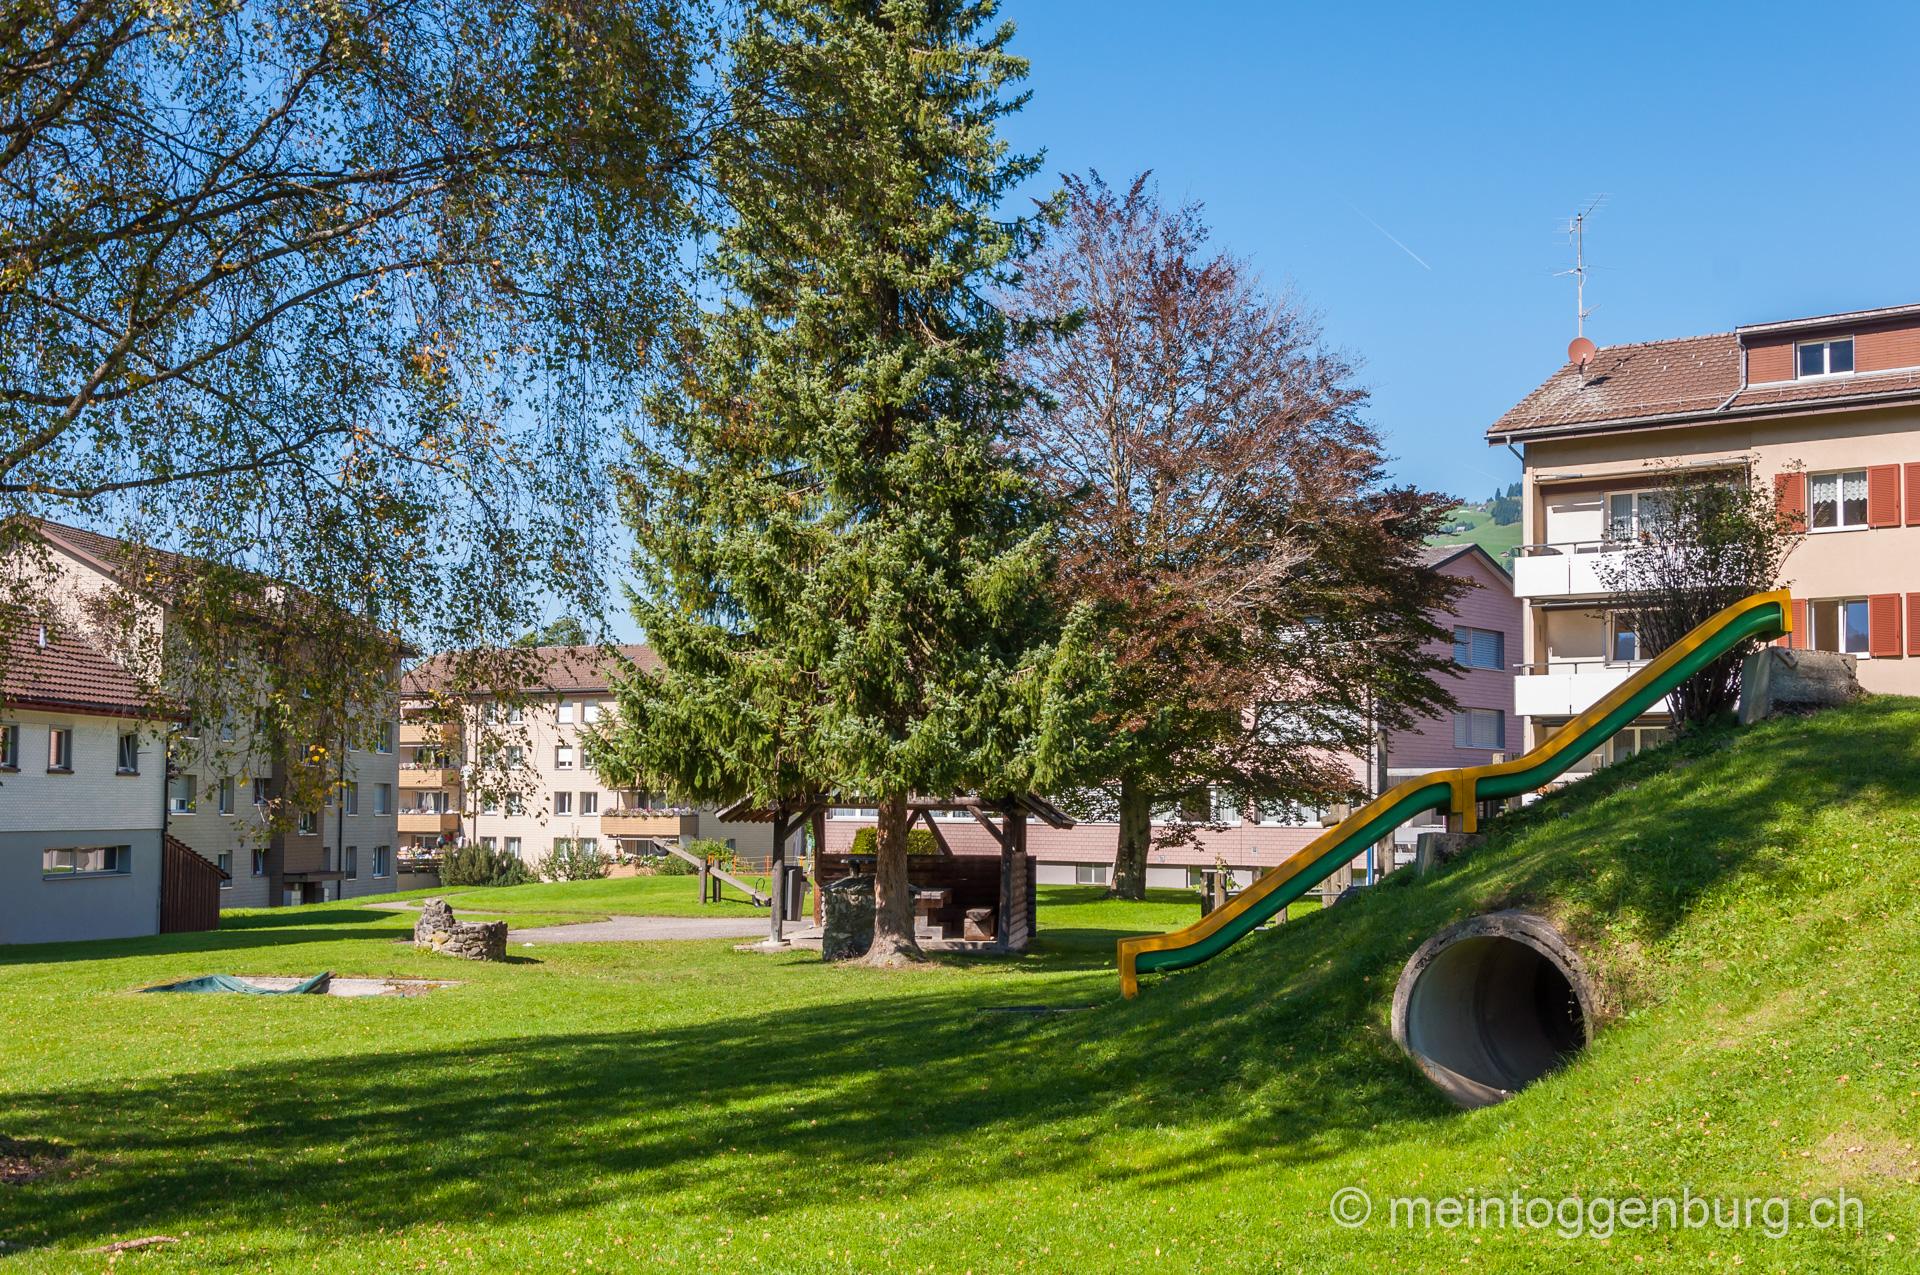 Grillplatz Spielplatz Haggen